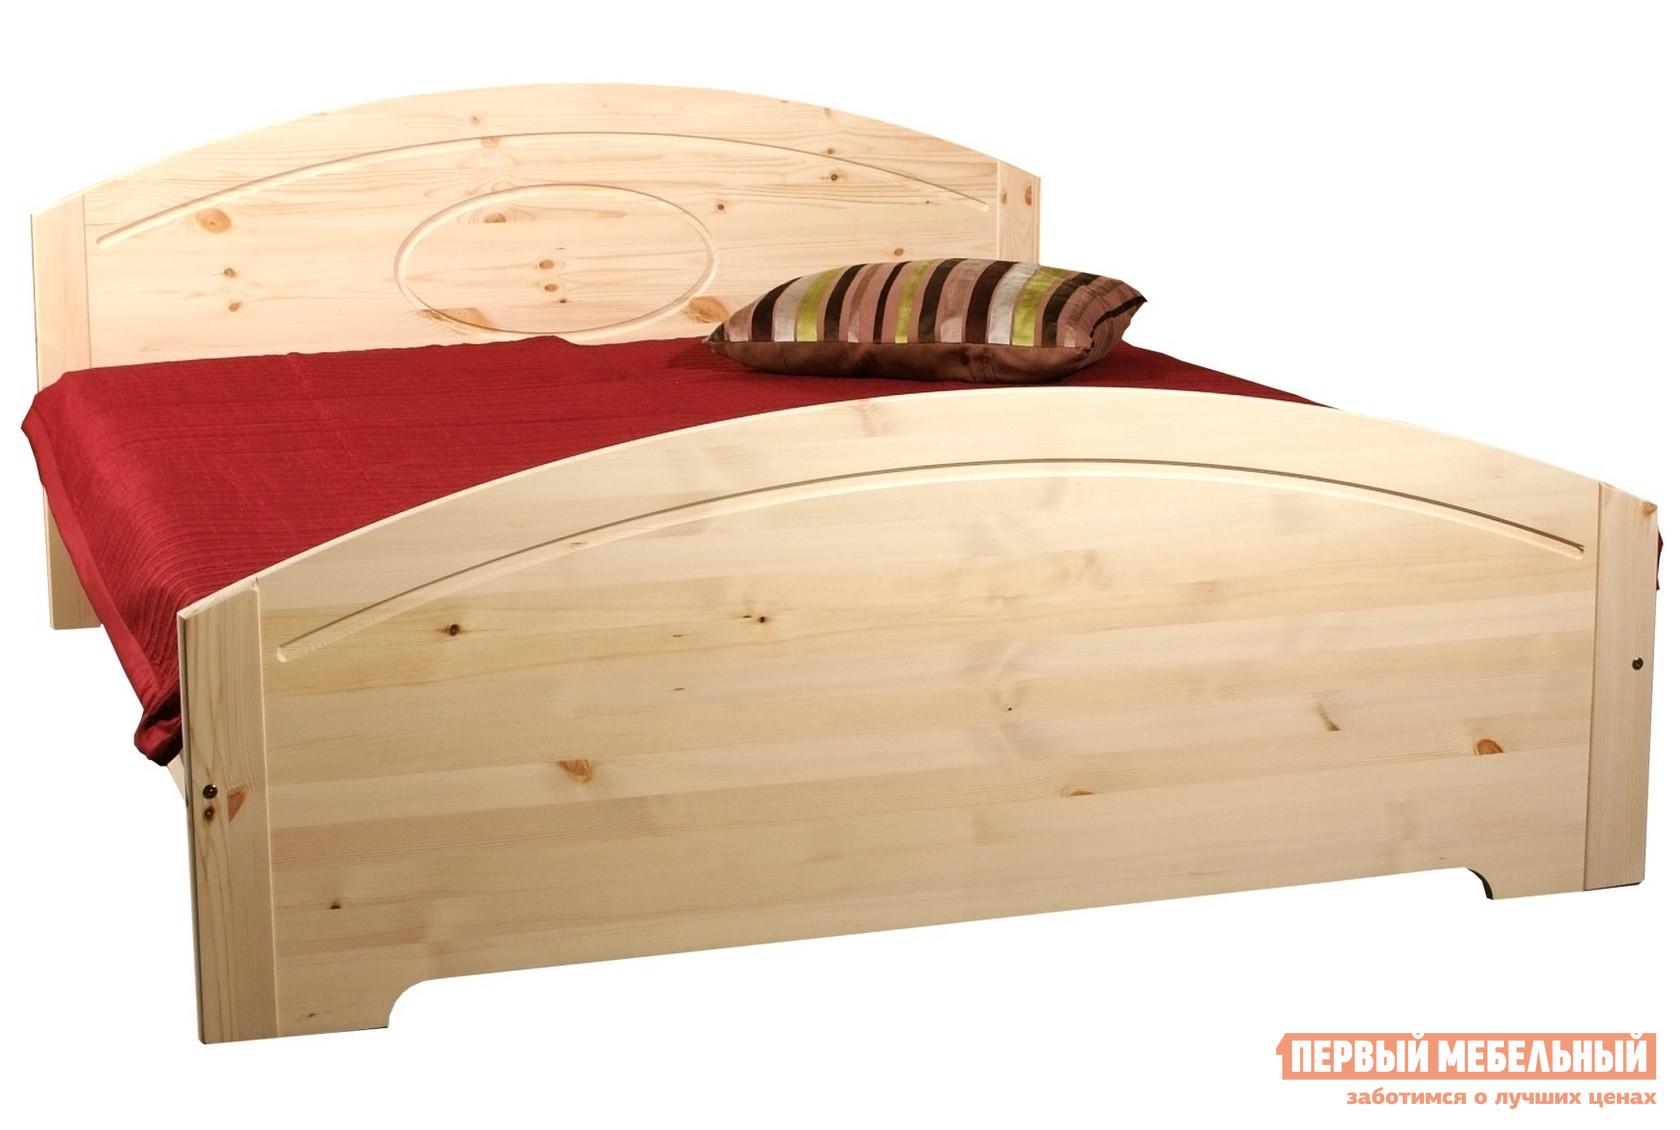 купить Кровать двуспальная деревянная Timberica Инга по цене 14040 рублей